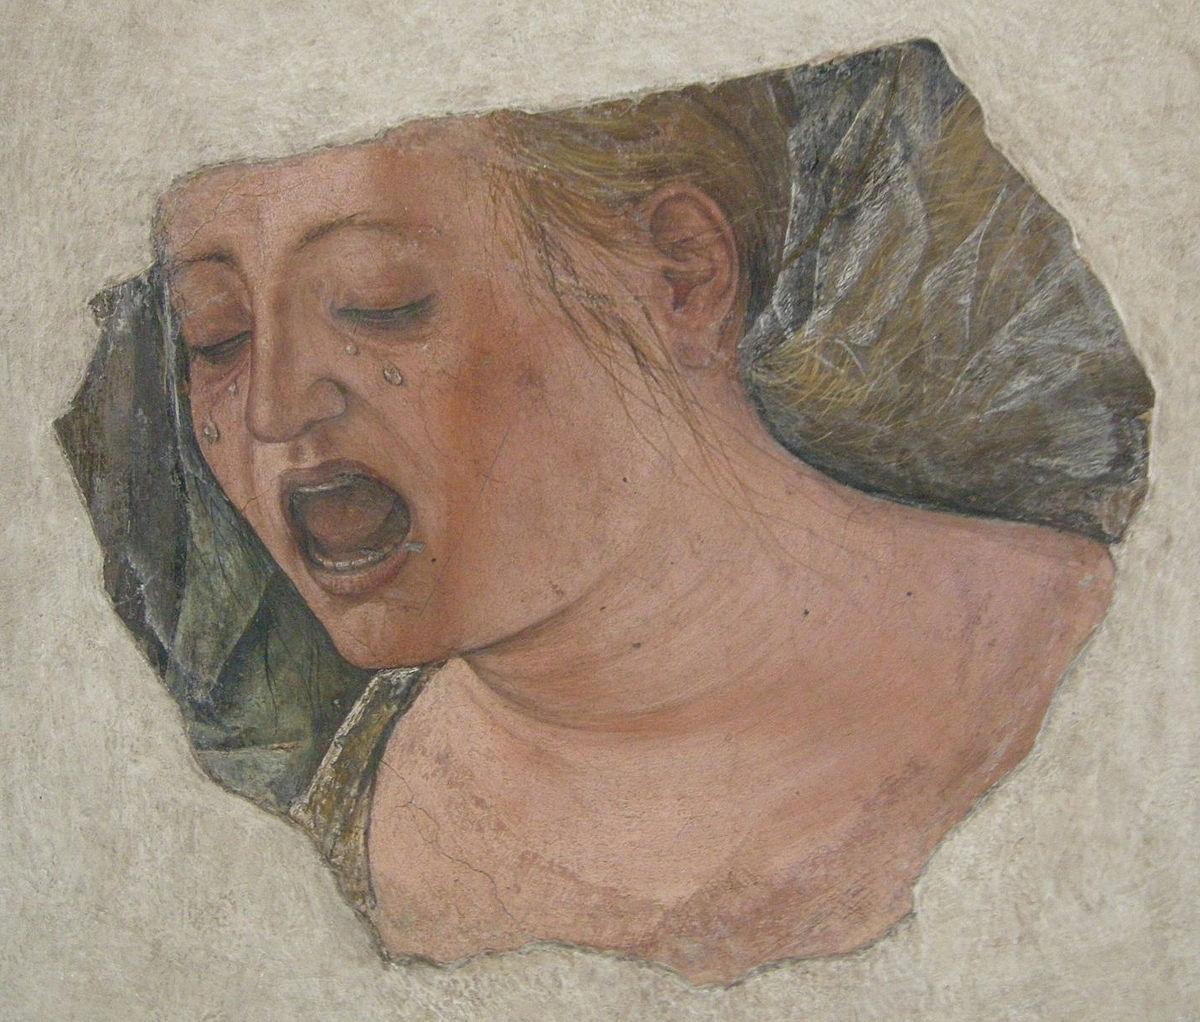 Ercole de' Roberti, Volto di Maddalena piangente (1478-1486; affresco, 24,5 x 28,5 cm; Bologna, Pinacoteca Nazionale)